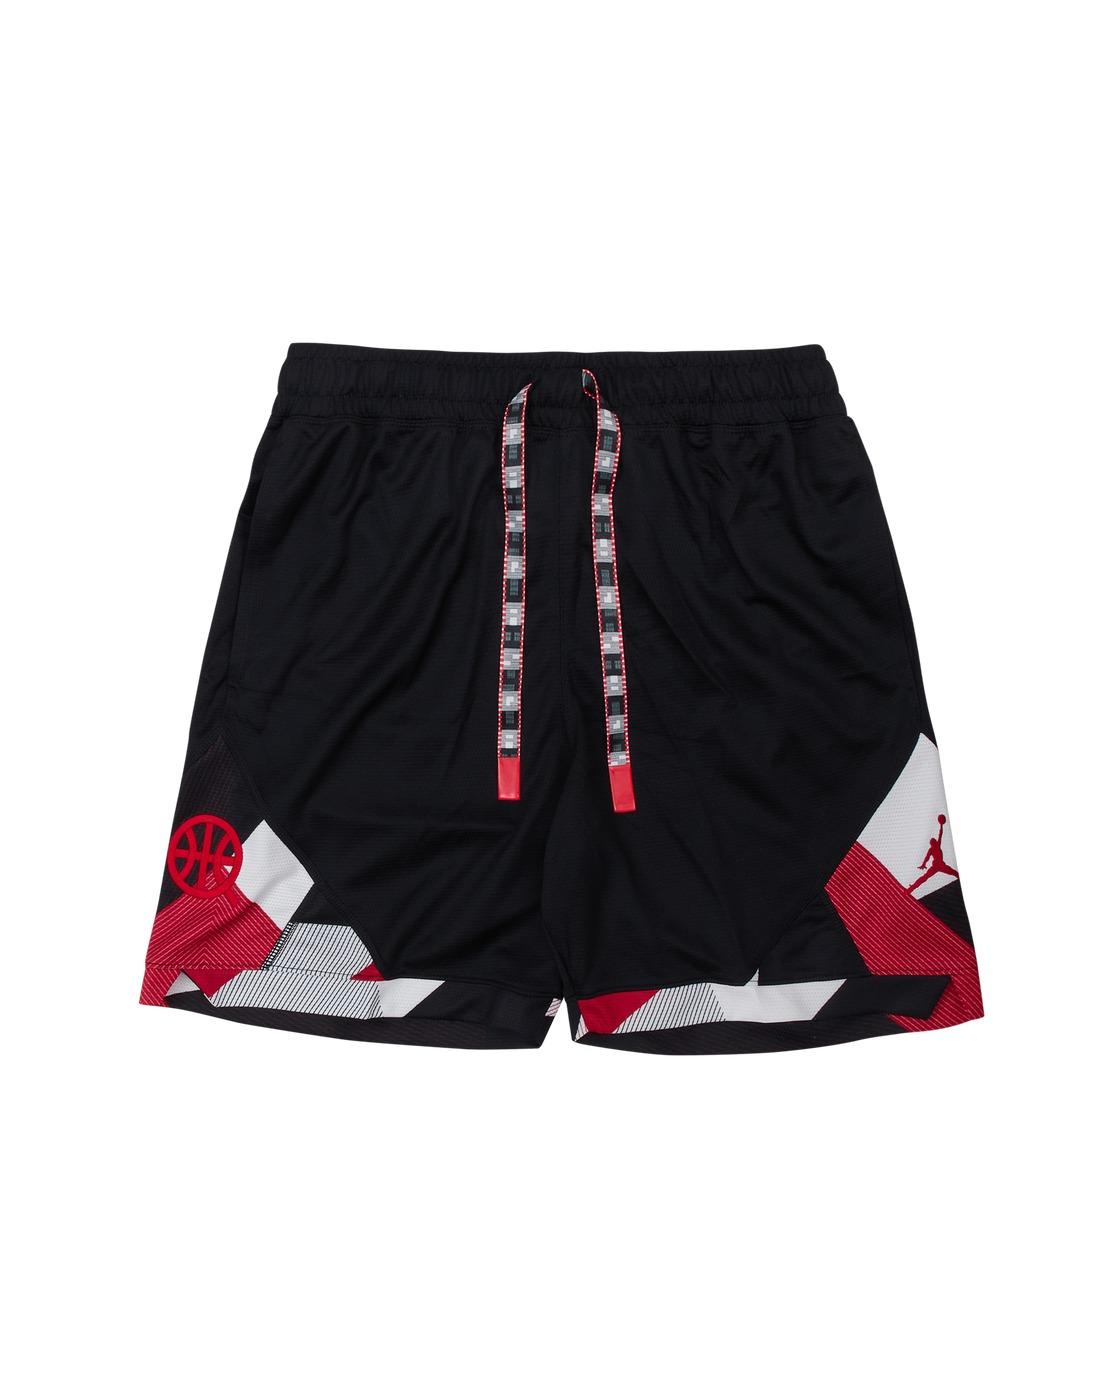 Photo: Nike Jordan Quai 54 Diamond Shorts Black/University Red